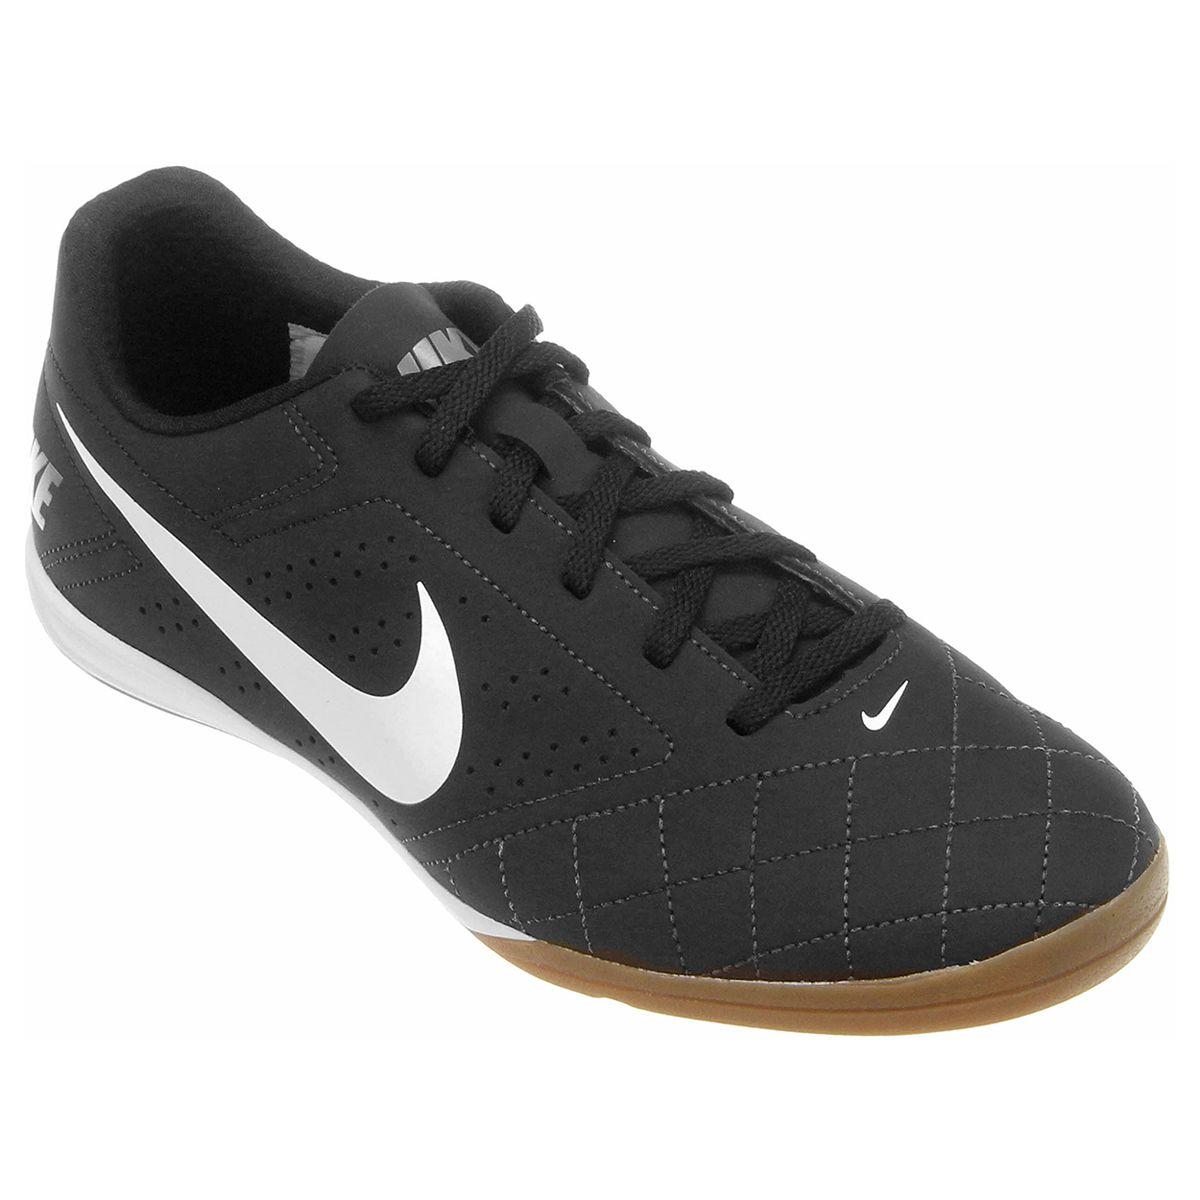 Chuteira Nike Futsal Beco 2 - 646433-001